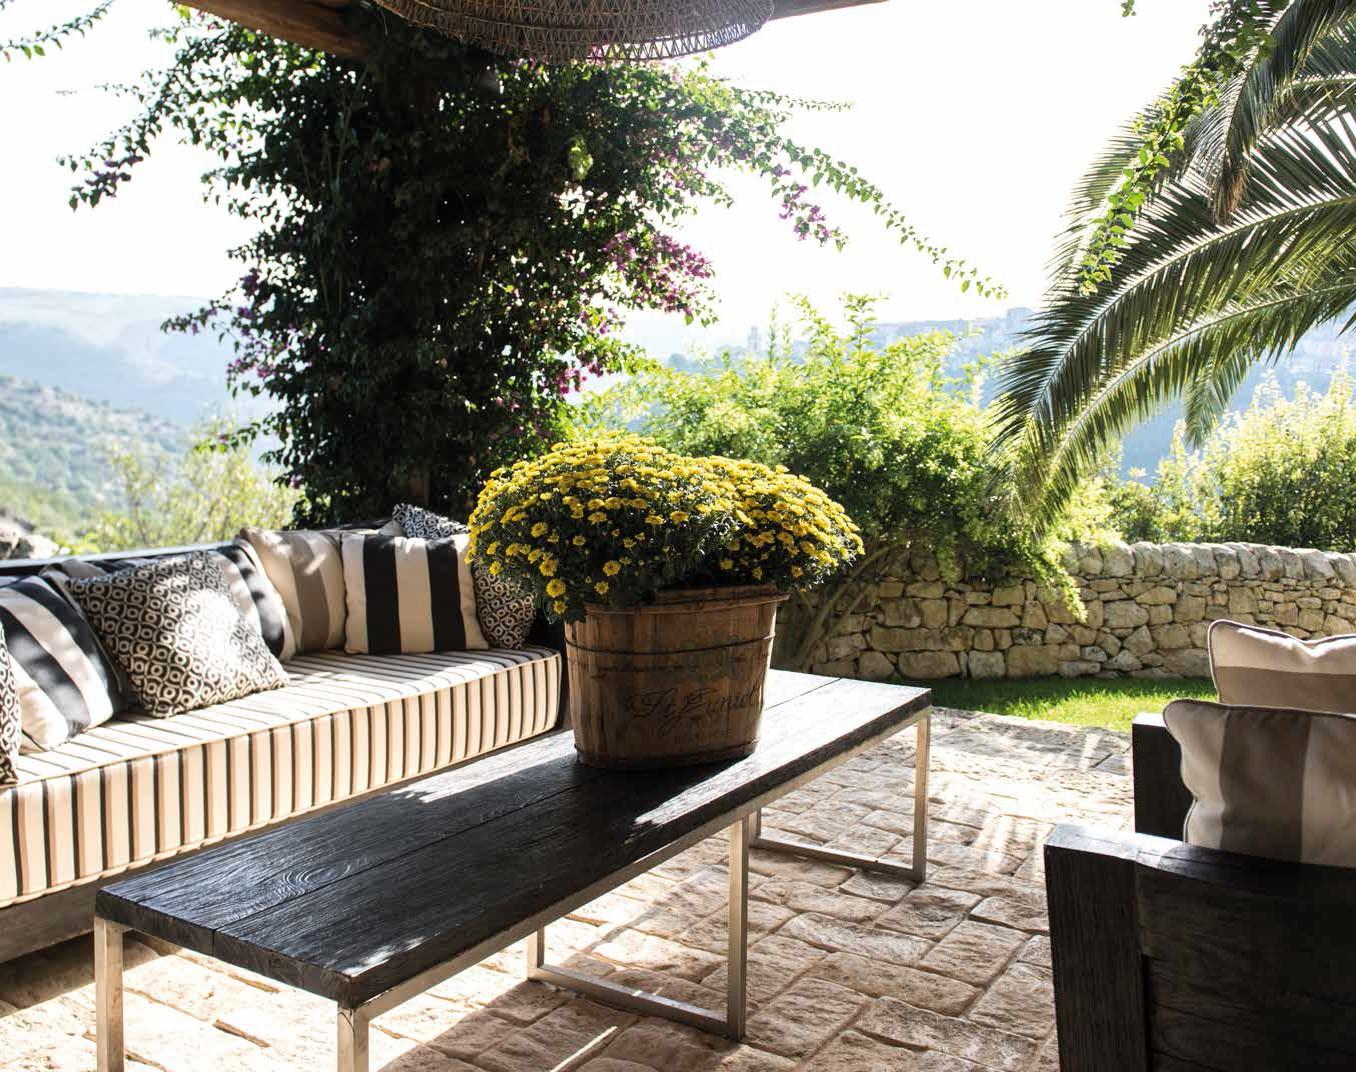 Ragusa ibla una terrazza da sogno ville casali - Ragusa immobiliare ...